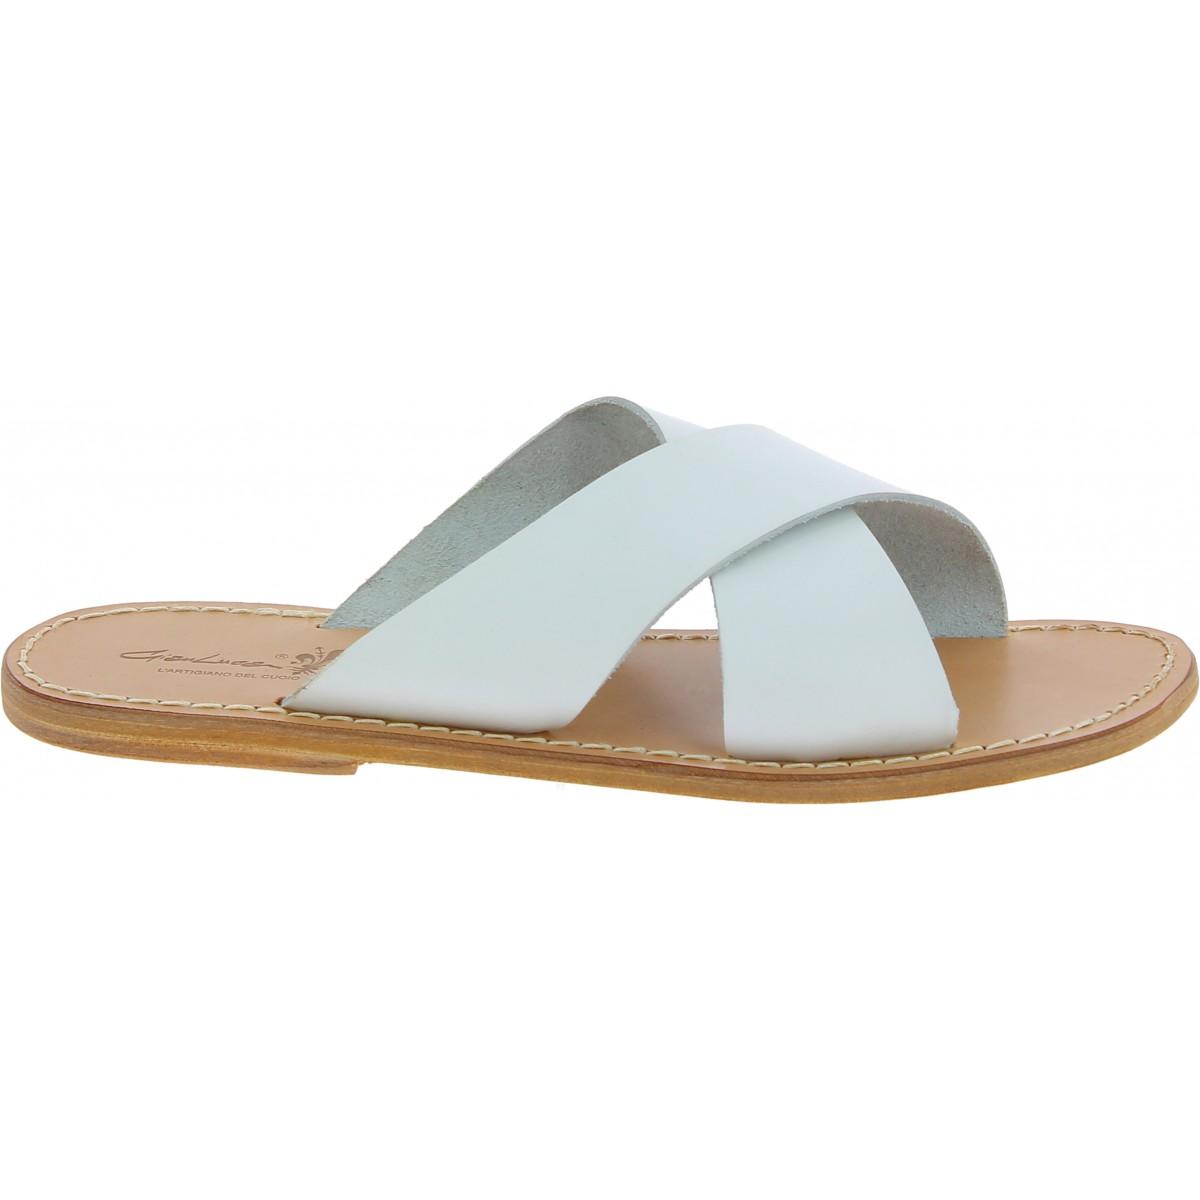 white leather slipper sandals handmade